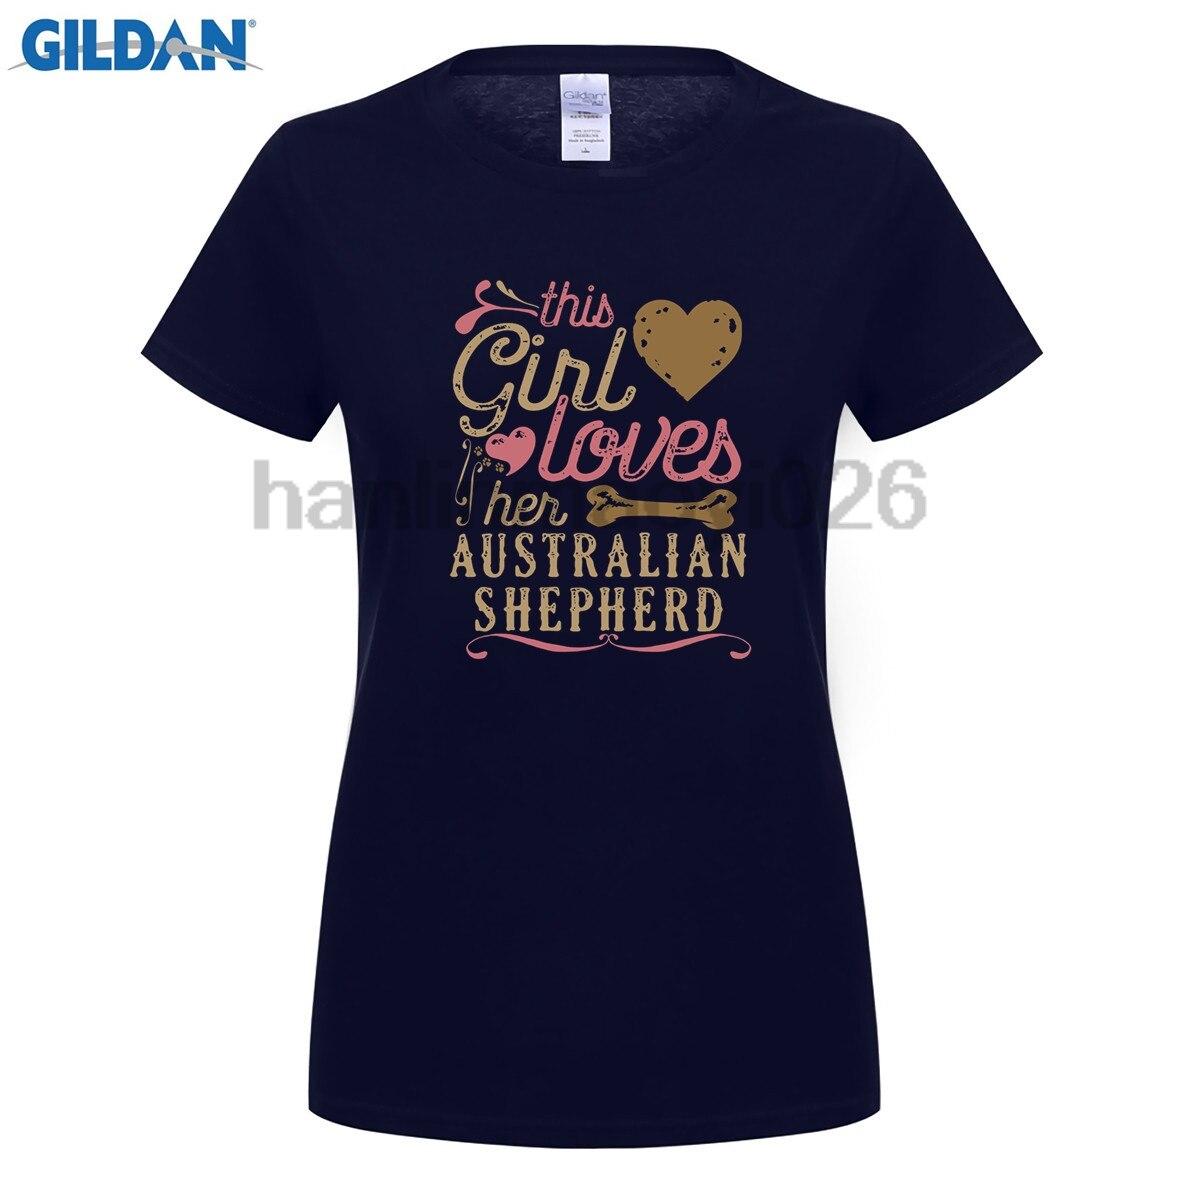 GILDAN Australian Shepherd Shirt This Girl Loves Her Australian Sh for women